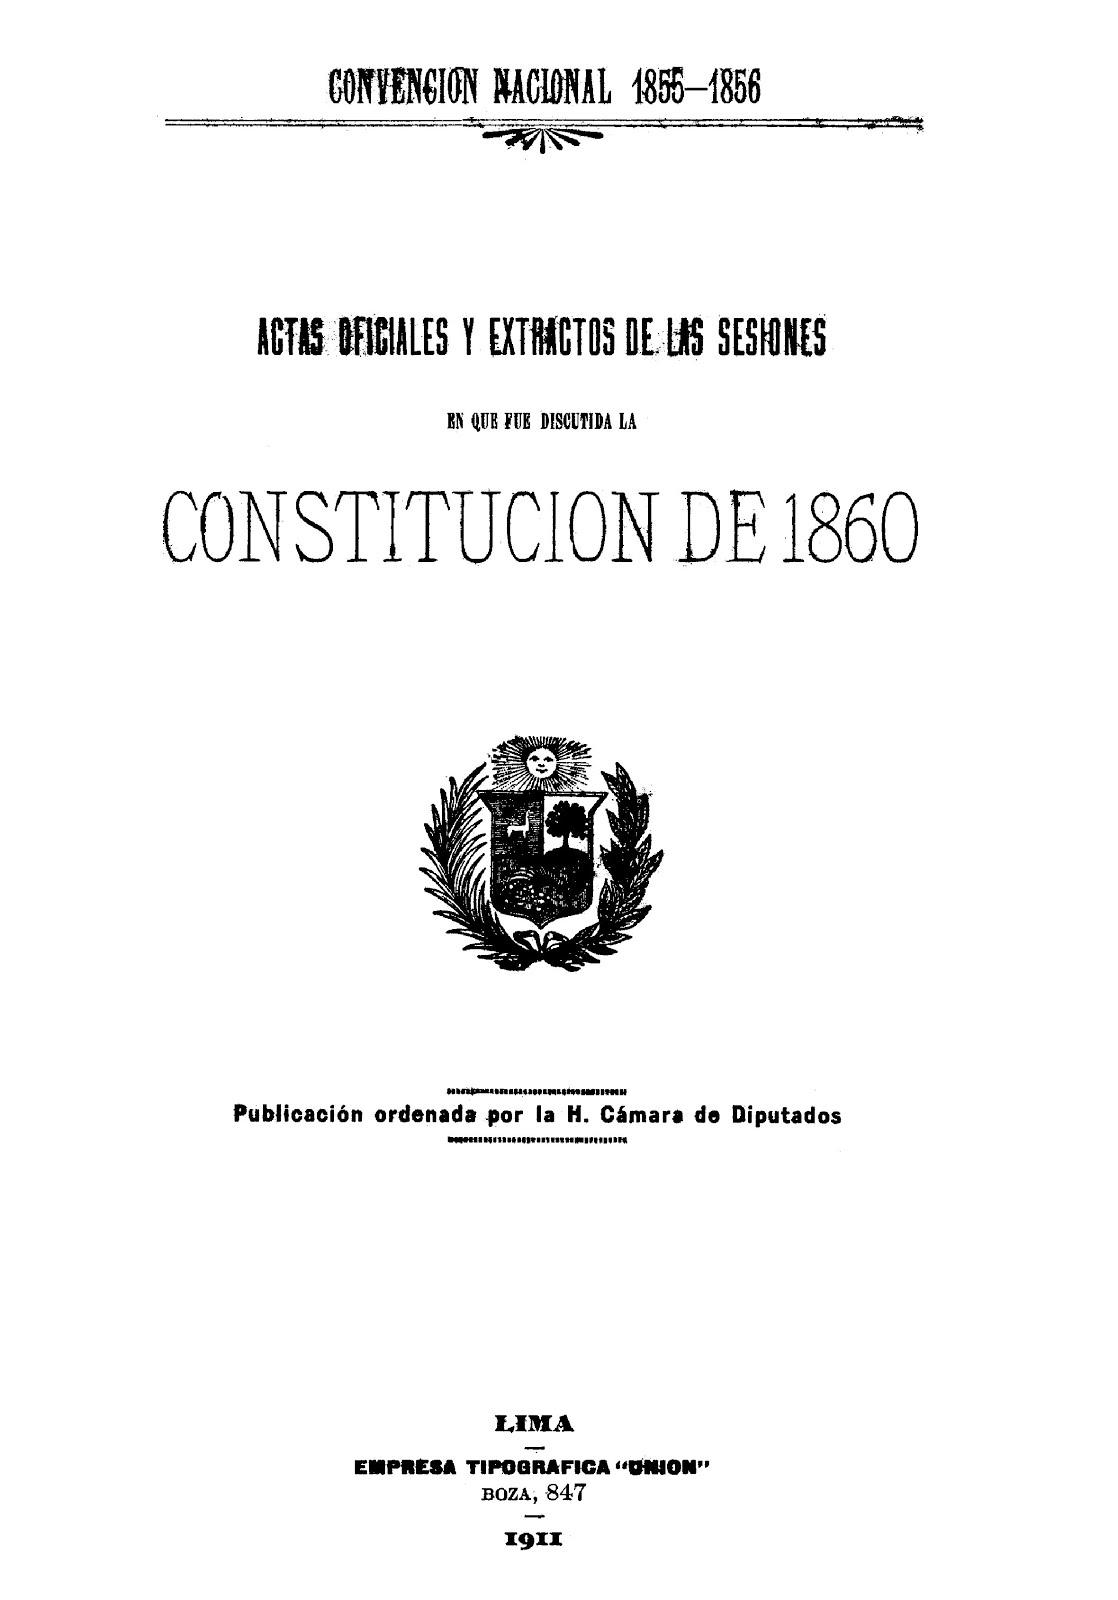 Actas oficiales y extractos de las sesiones en que fue discutida la Constitución de 1860 (1856)